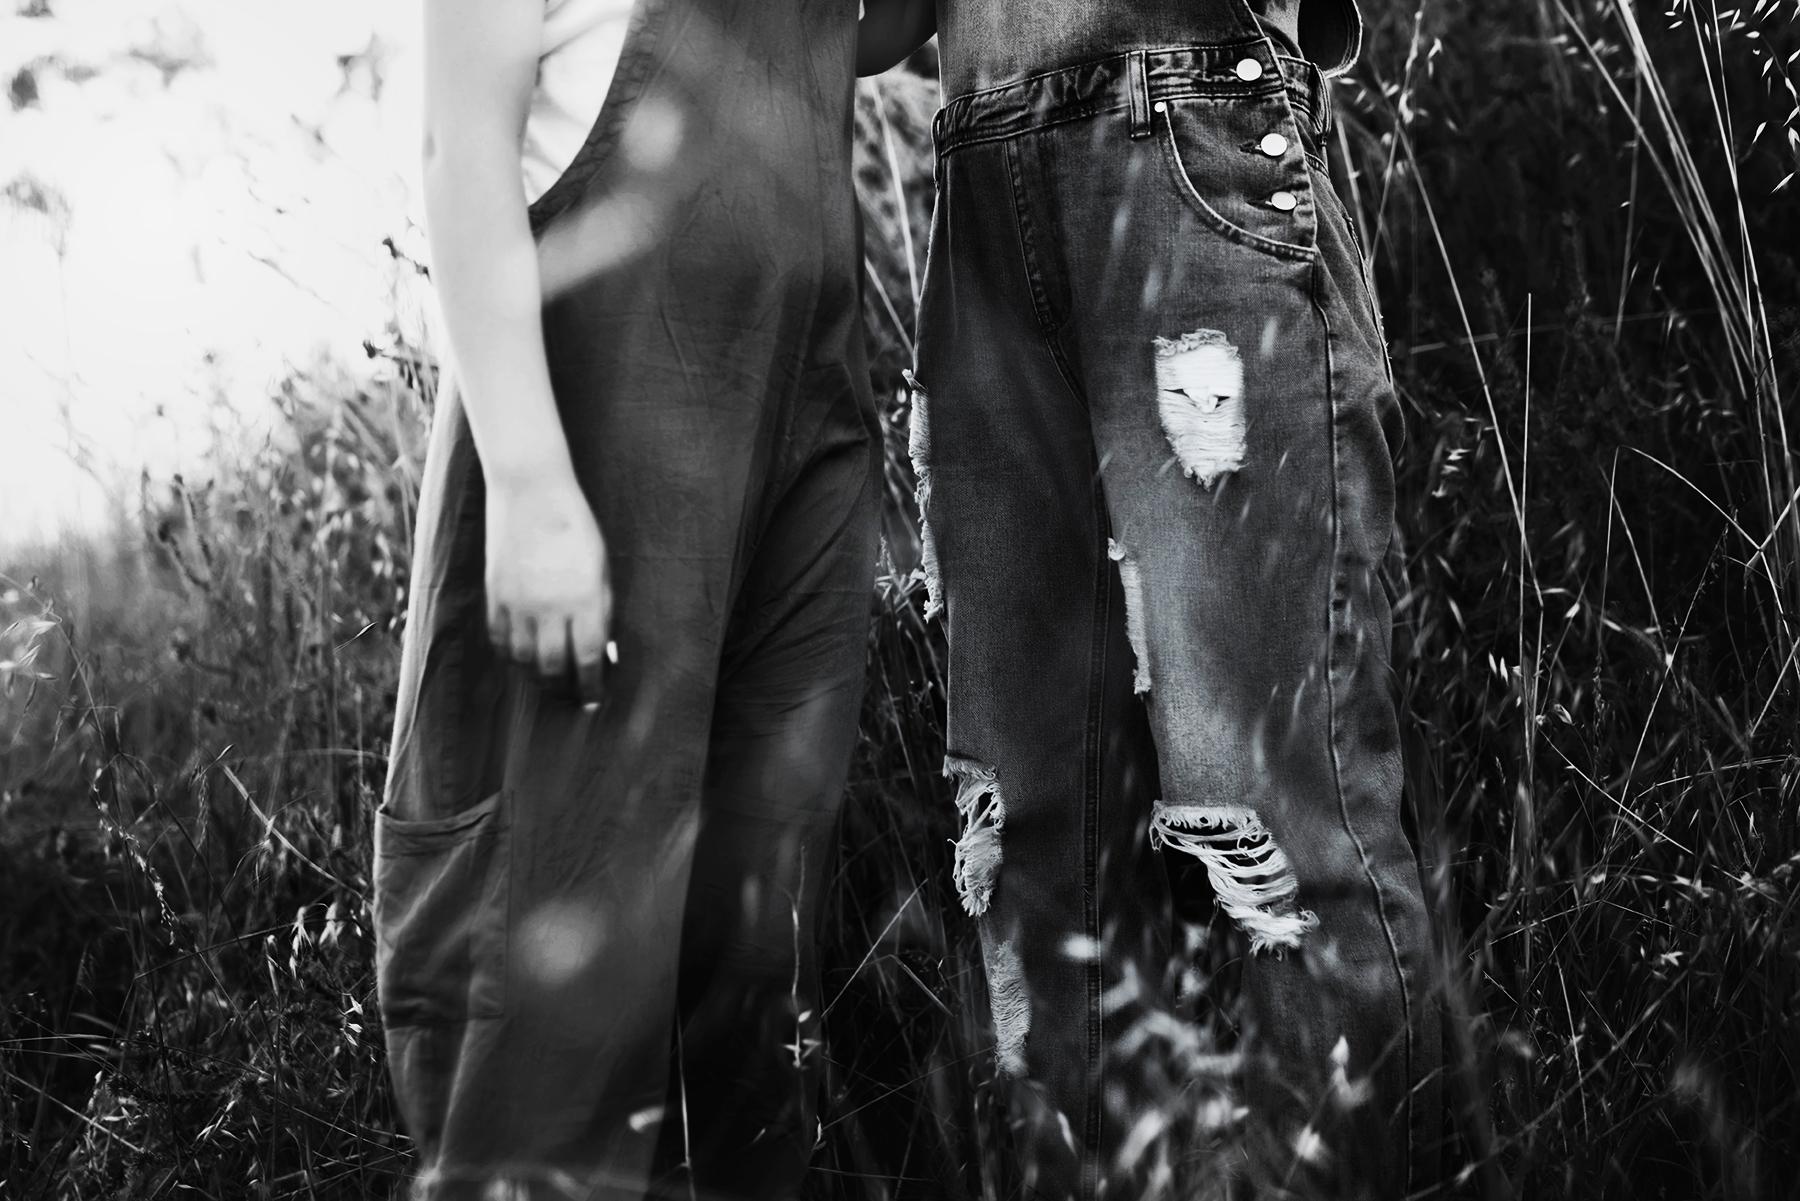 family photography sydney cindy cavanagh (1 of 1)-2web.jpg